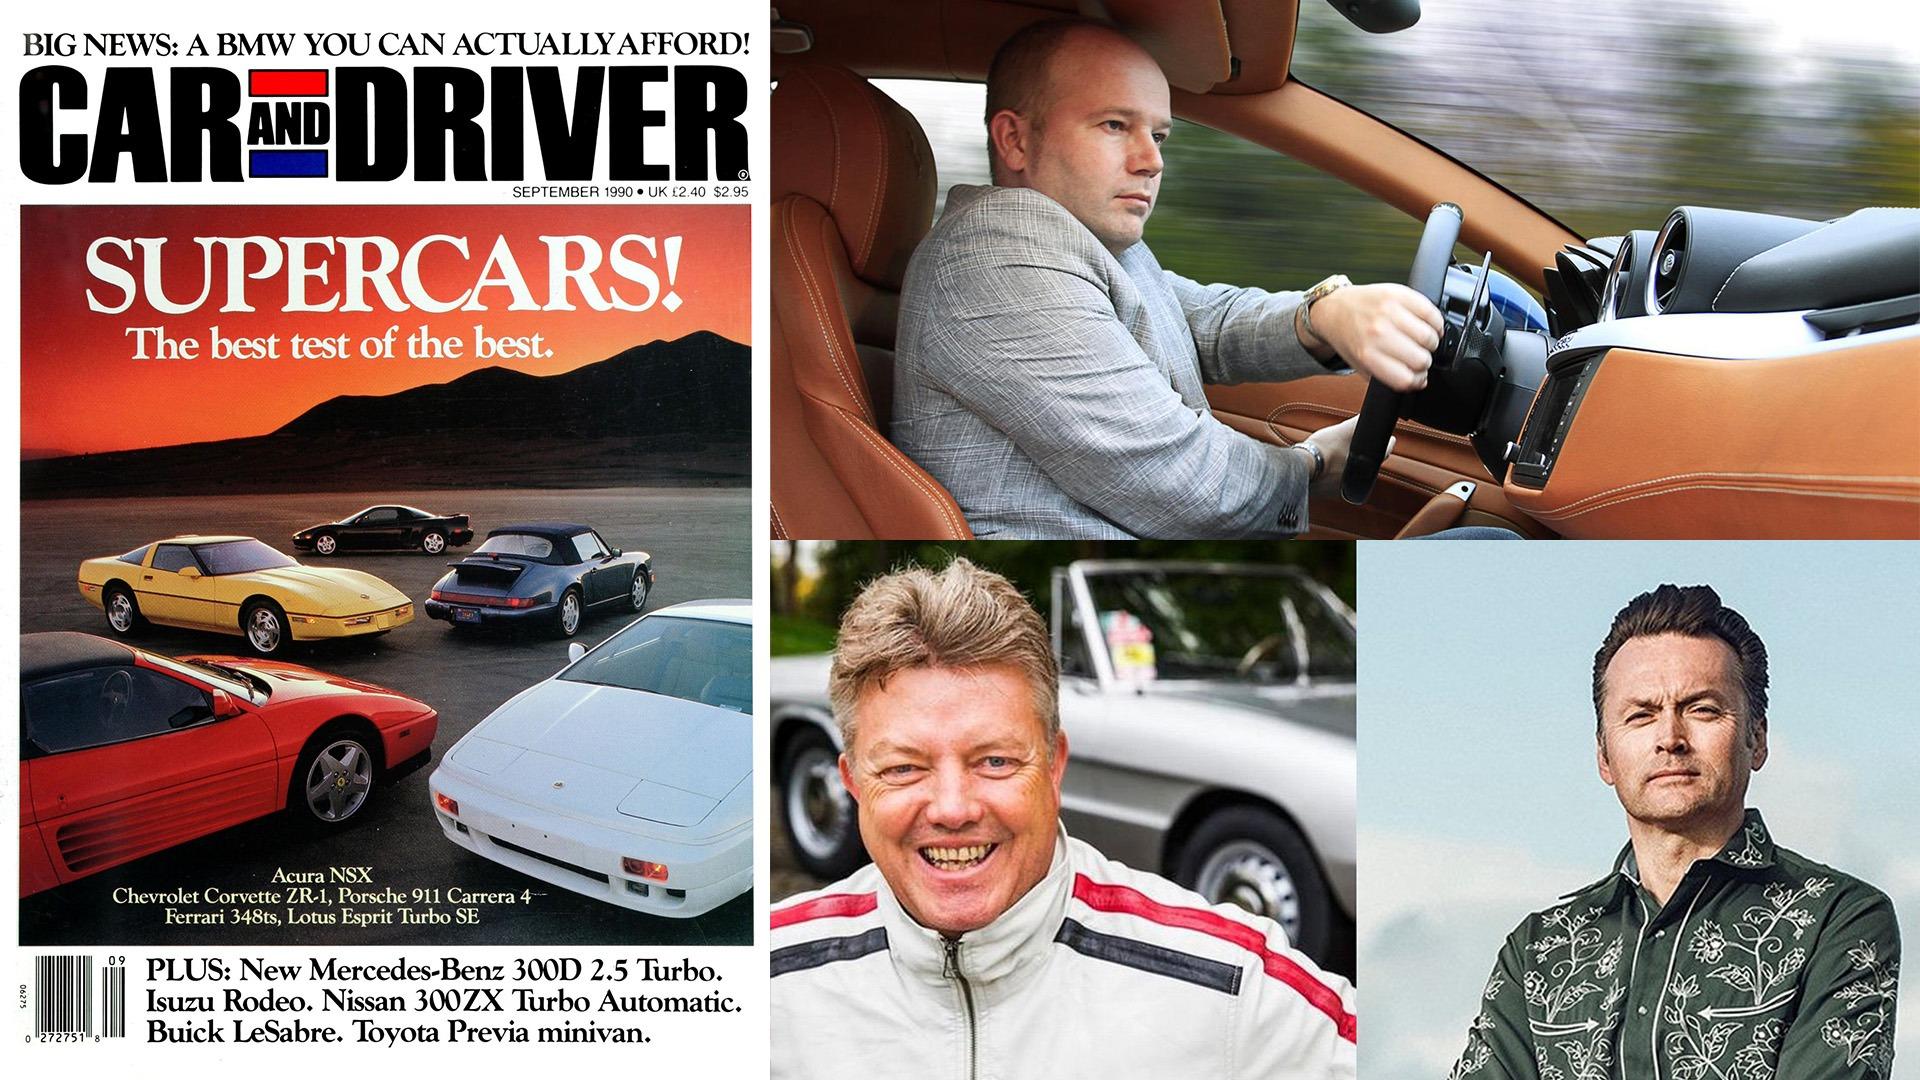 Lordens garasje: De feteste bilene fra 1990 med Hilberg Ove Johansen og Bjarne Reistad som gjester